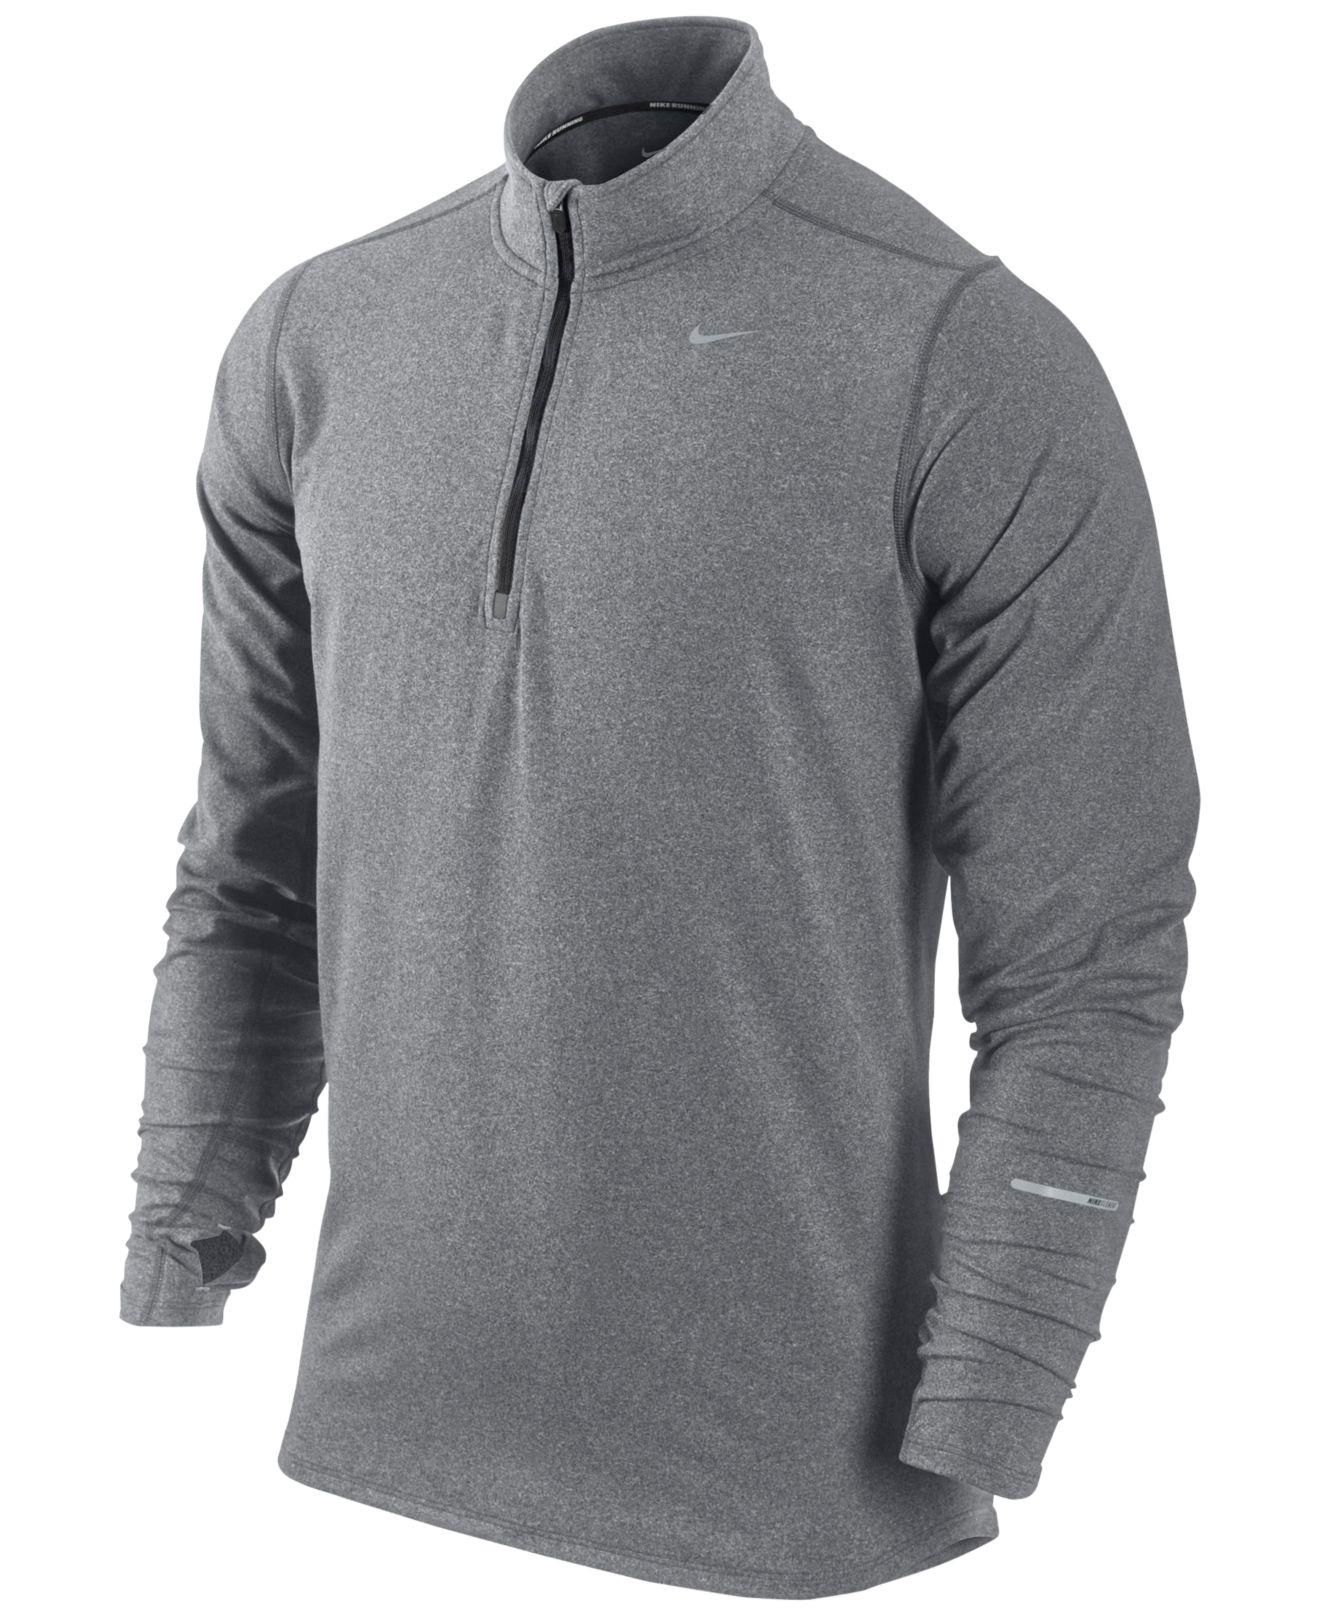 3c600bb43c05 Lyst - Nike Men s Pullover Element Half Zip Shirt in Gray for Men